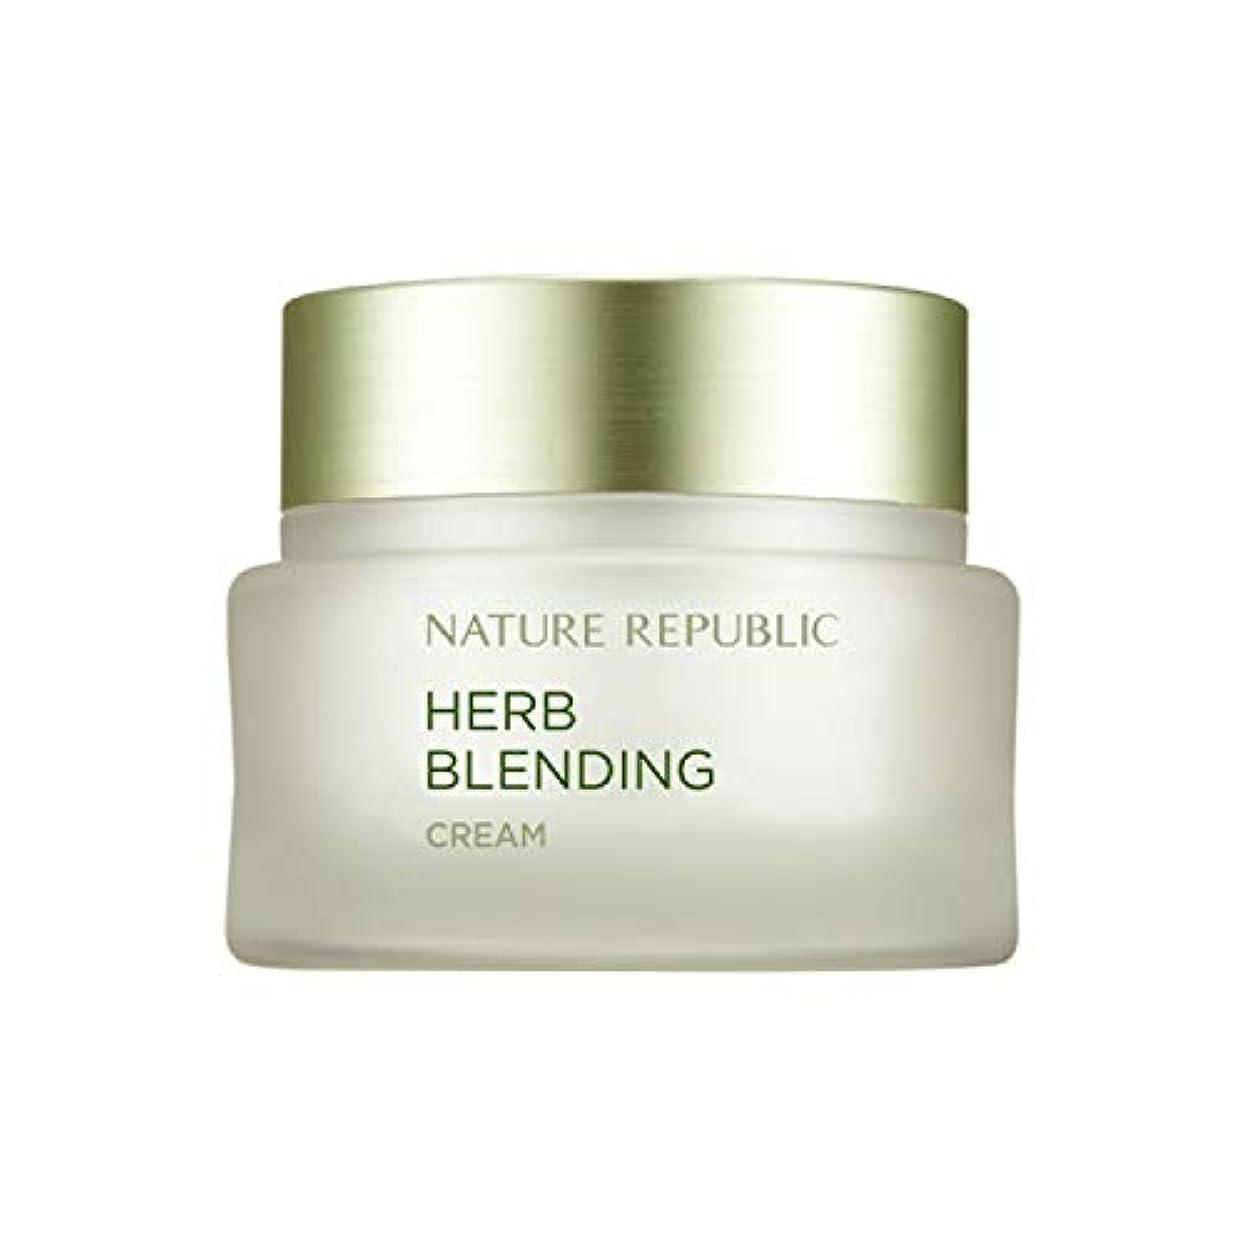 足音幾何学首ネイチャーリパブリック(Nature Republic)ハブブレンドクリーム 50ml / Herb Blending Cream 50ml :: 韓国コスメ [並行輸入品]